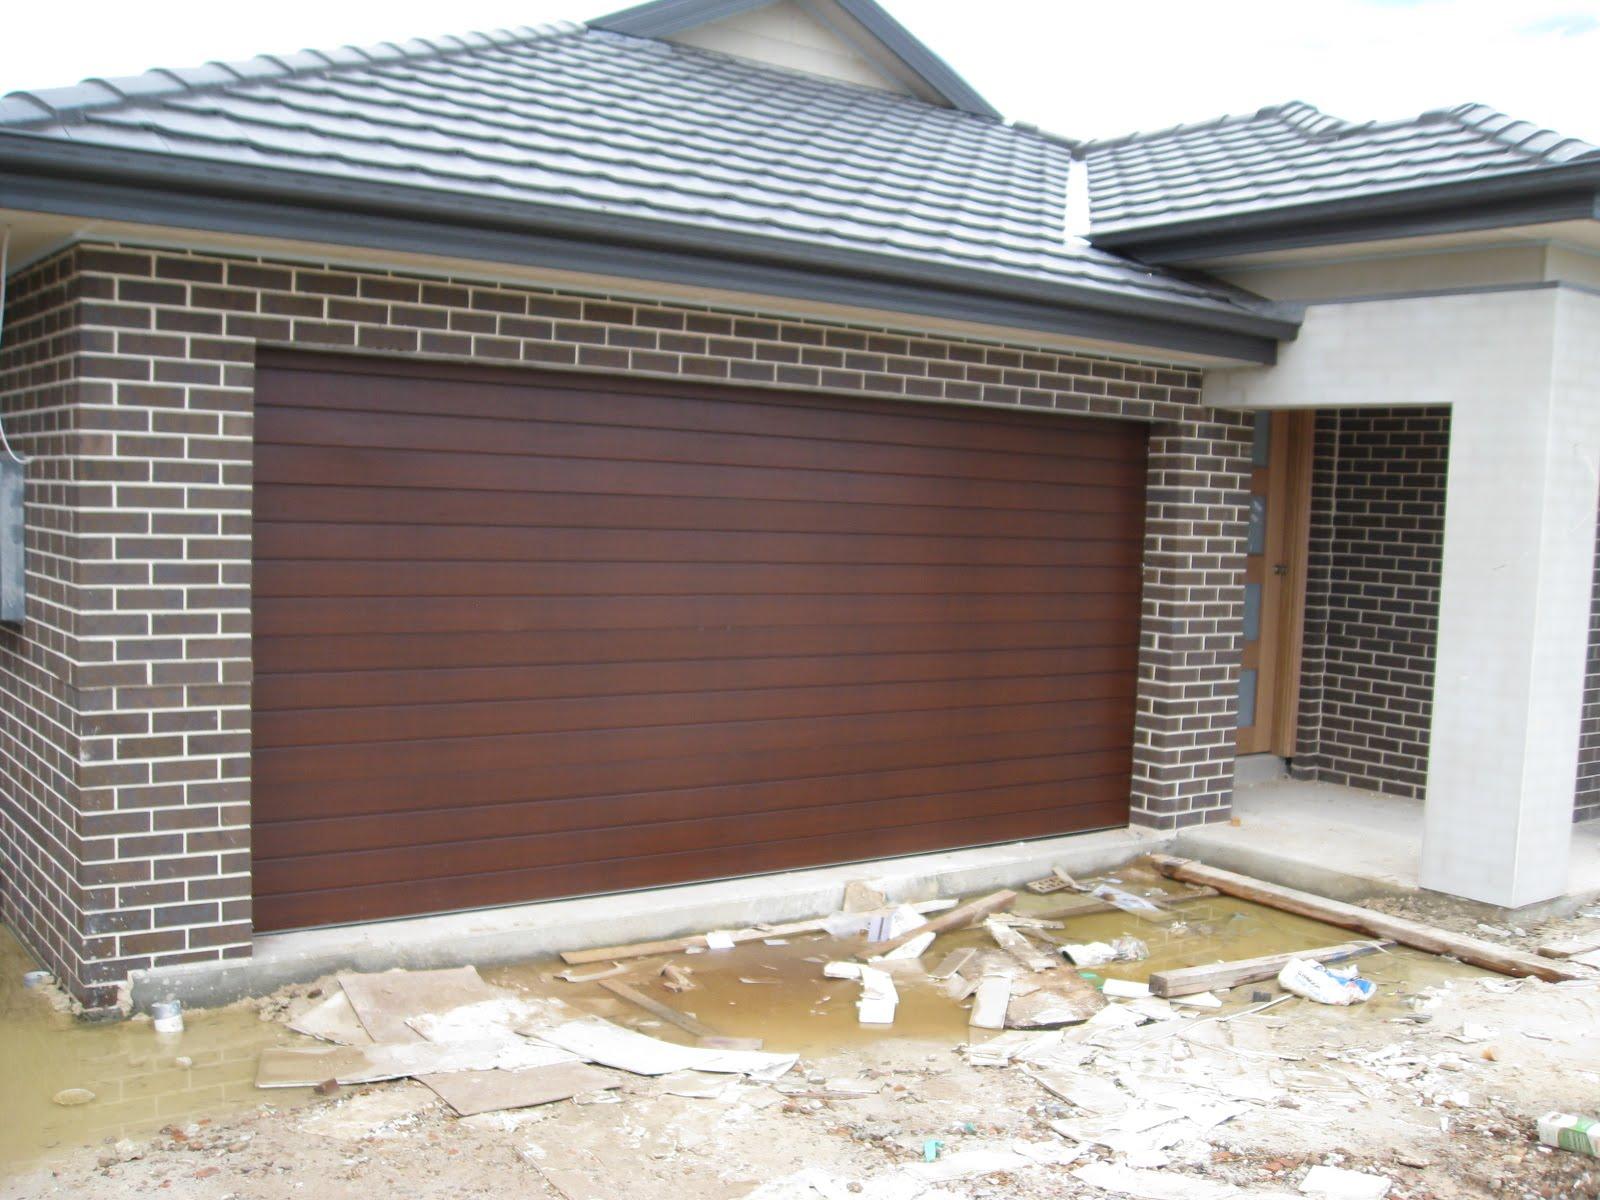 GARAGE DOOR - Colorbond  Caoba  | House Build - Colour Selections | Pinterest | Garage doors Doors and House facades & GARAGE DOOR - Colorbond